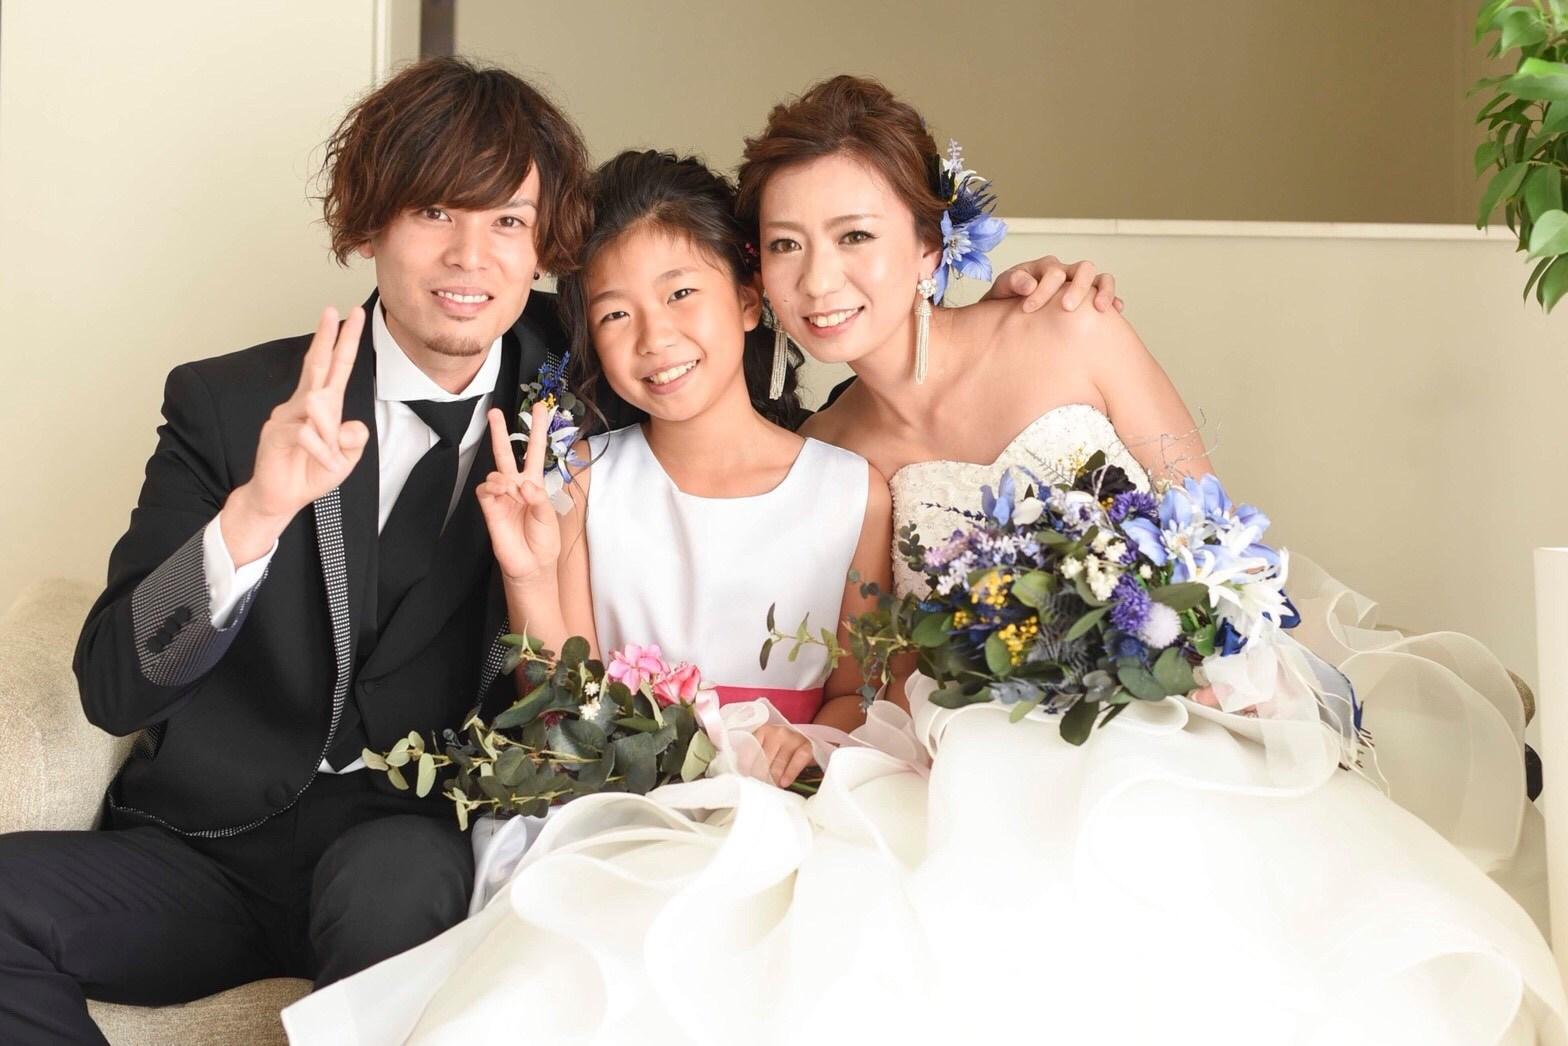 香川県高松市の小さな結婚式紹介所マリマリコンシェルジュでパパママ婚